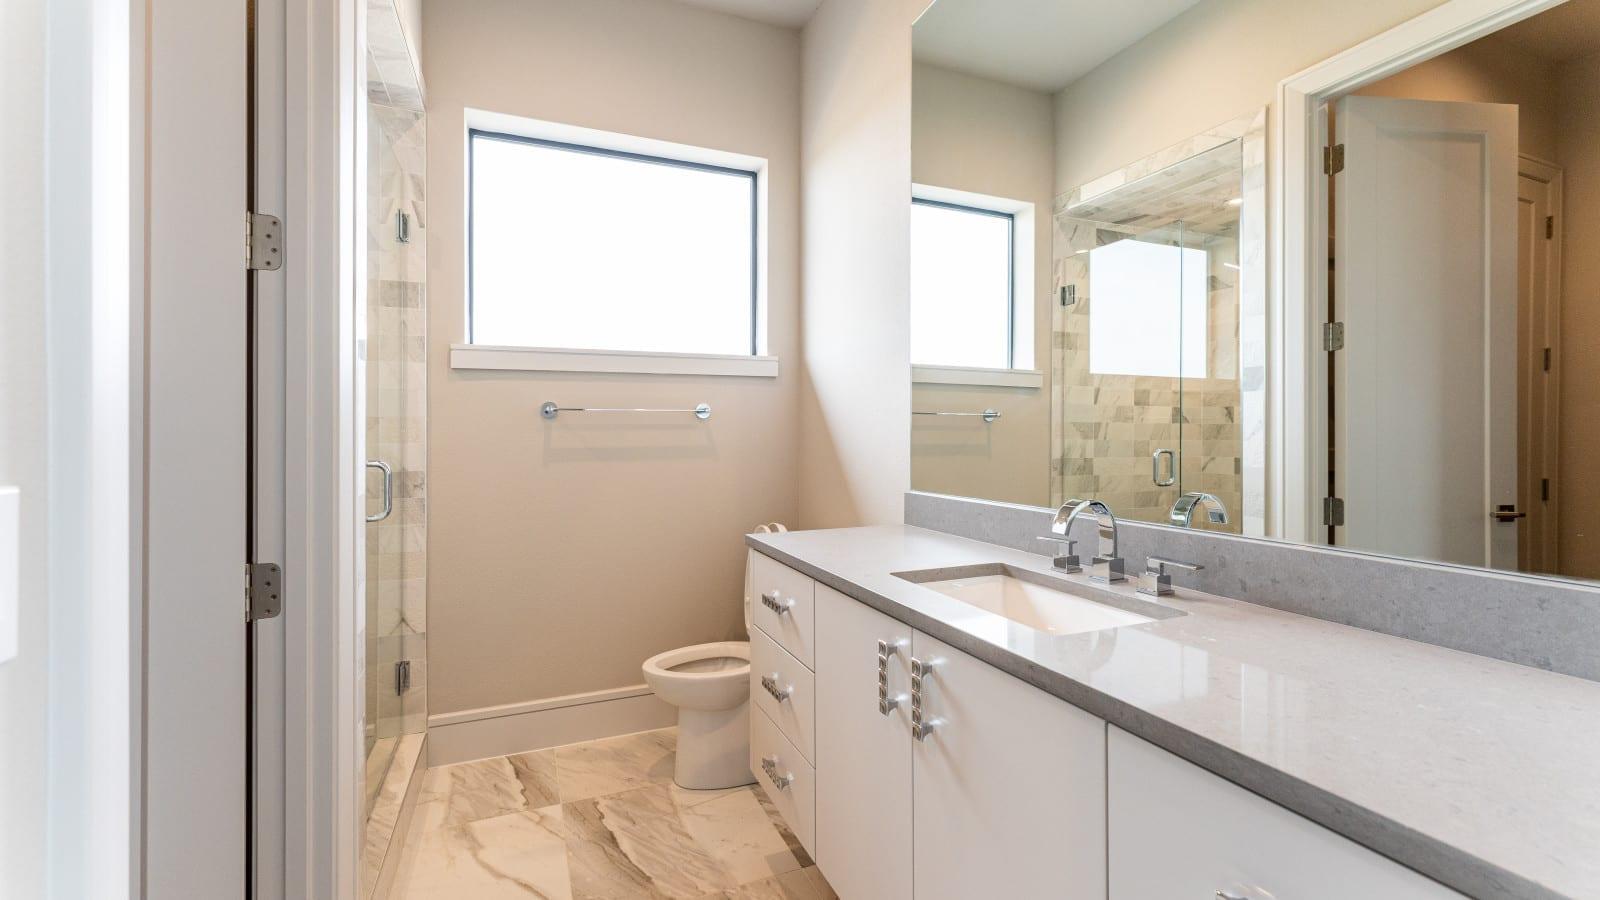 modern home design 32 - Millennial Design + Build